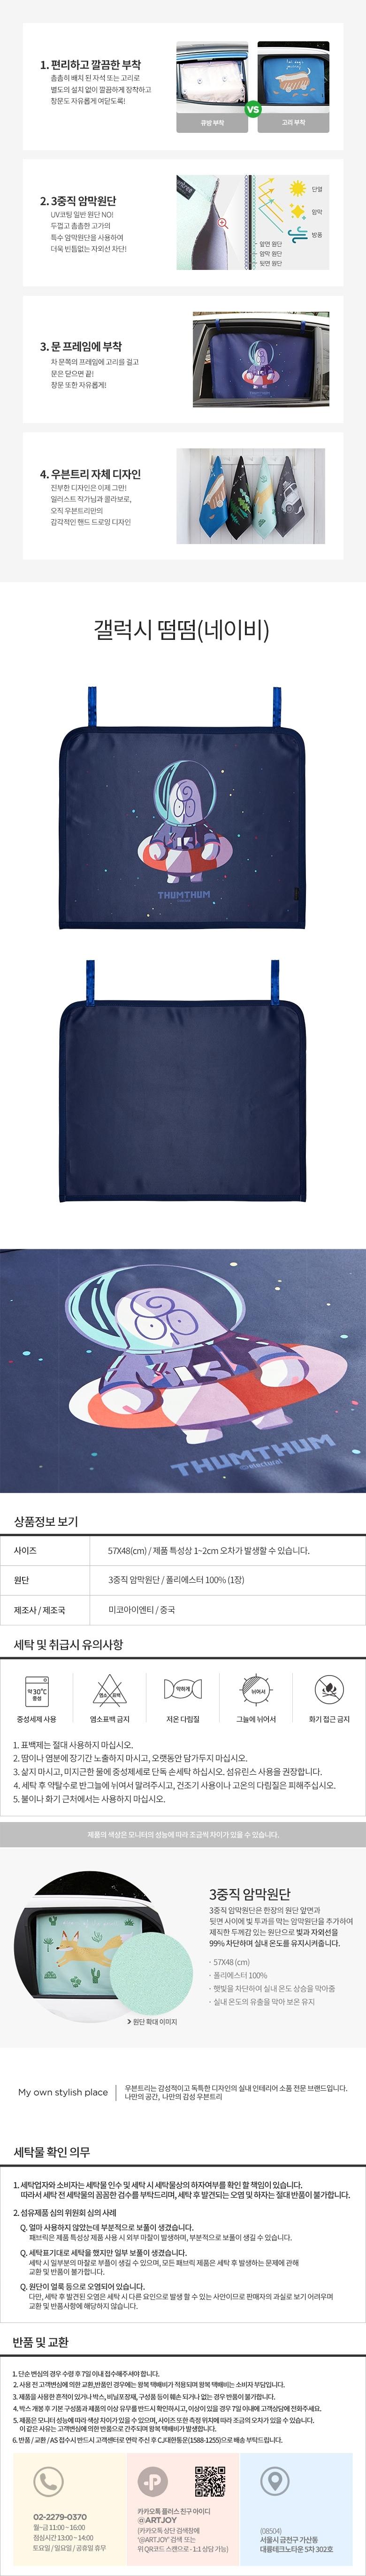 우븐트리 차량용 햇빛가리개 (고리형) 갤럭시 떰떰 (네이비) - 아트조이, 9,900원, 카인테리어, 햇빛가리개